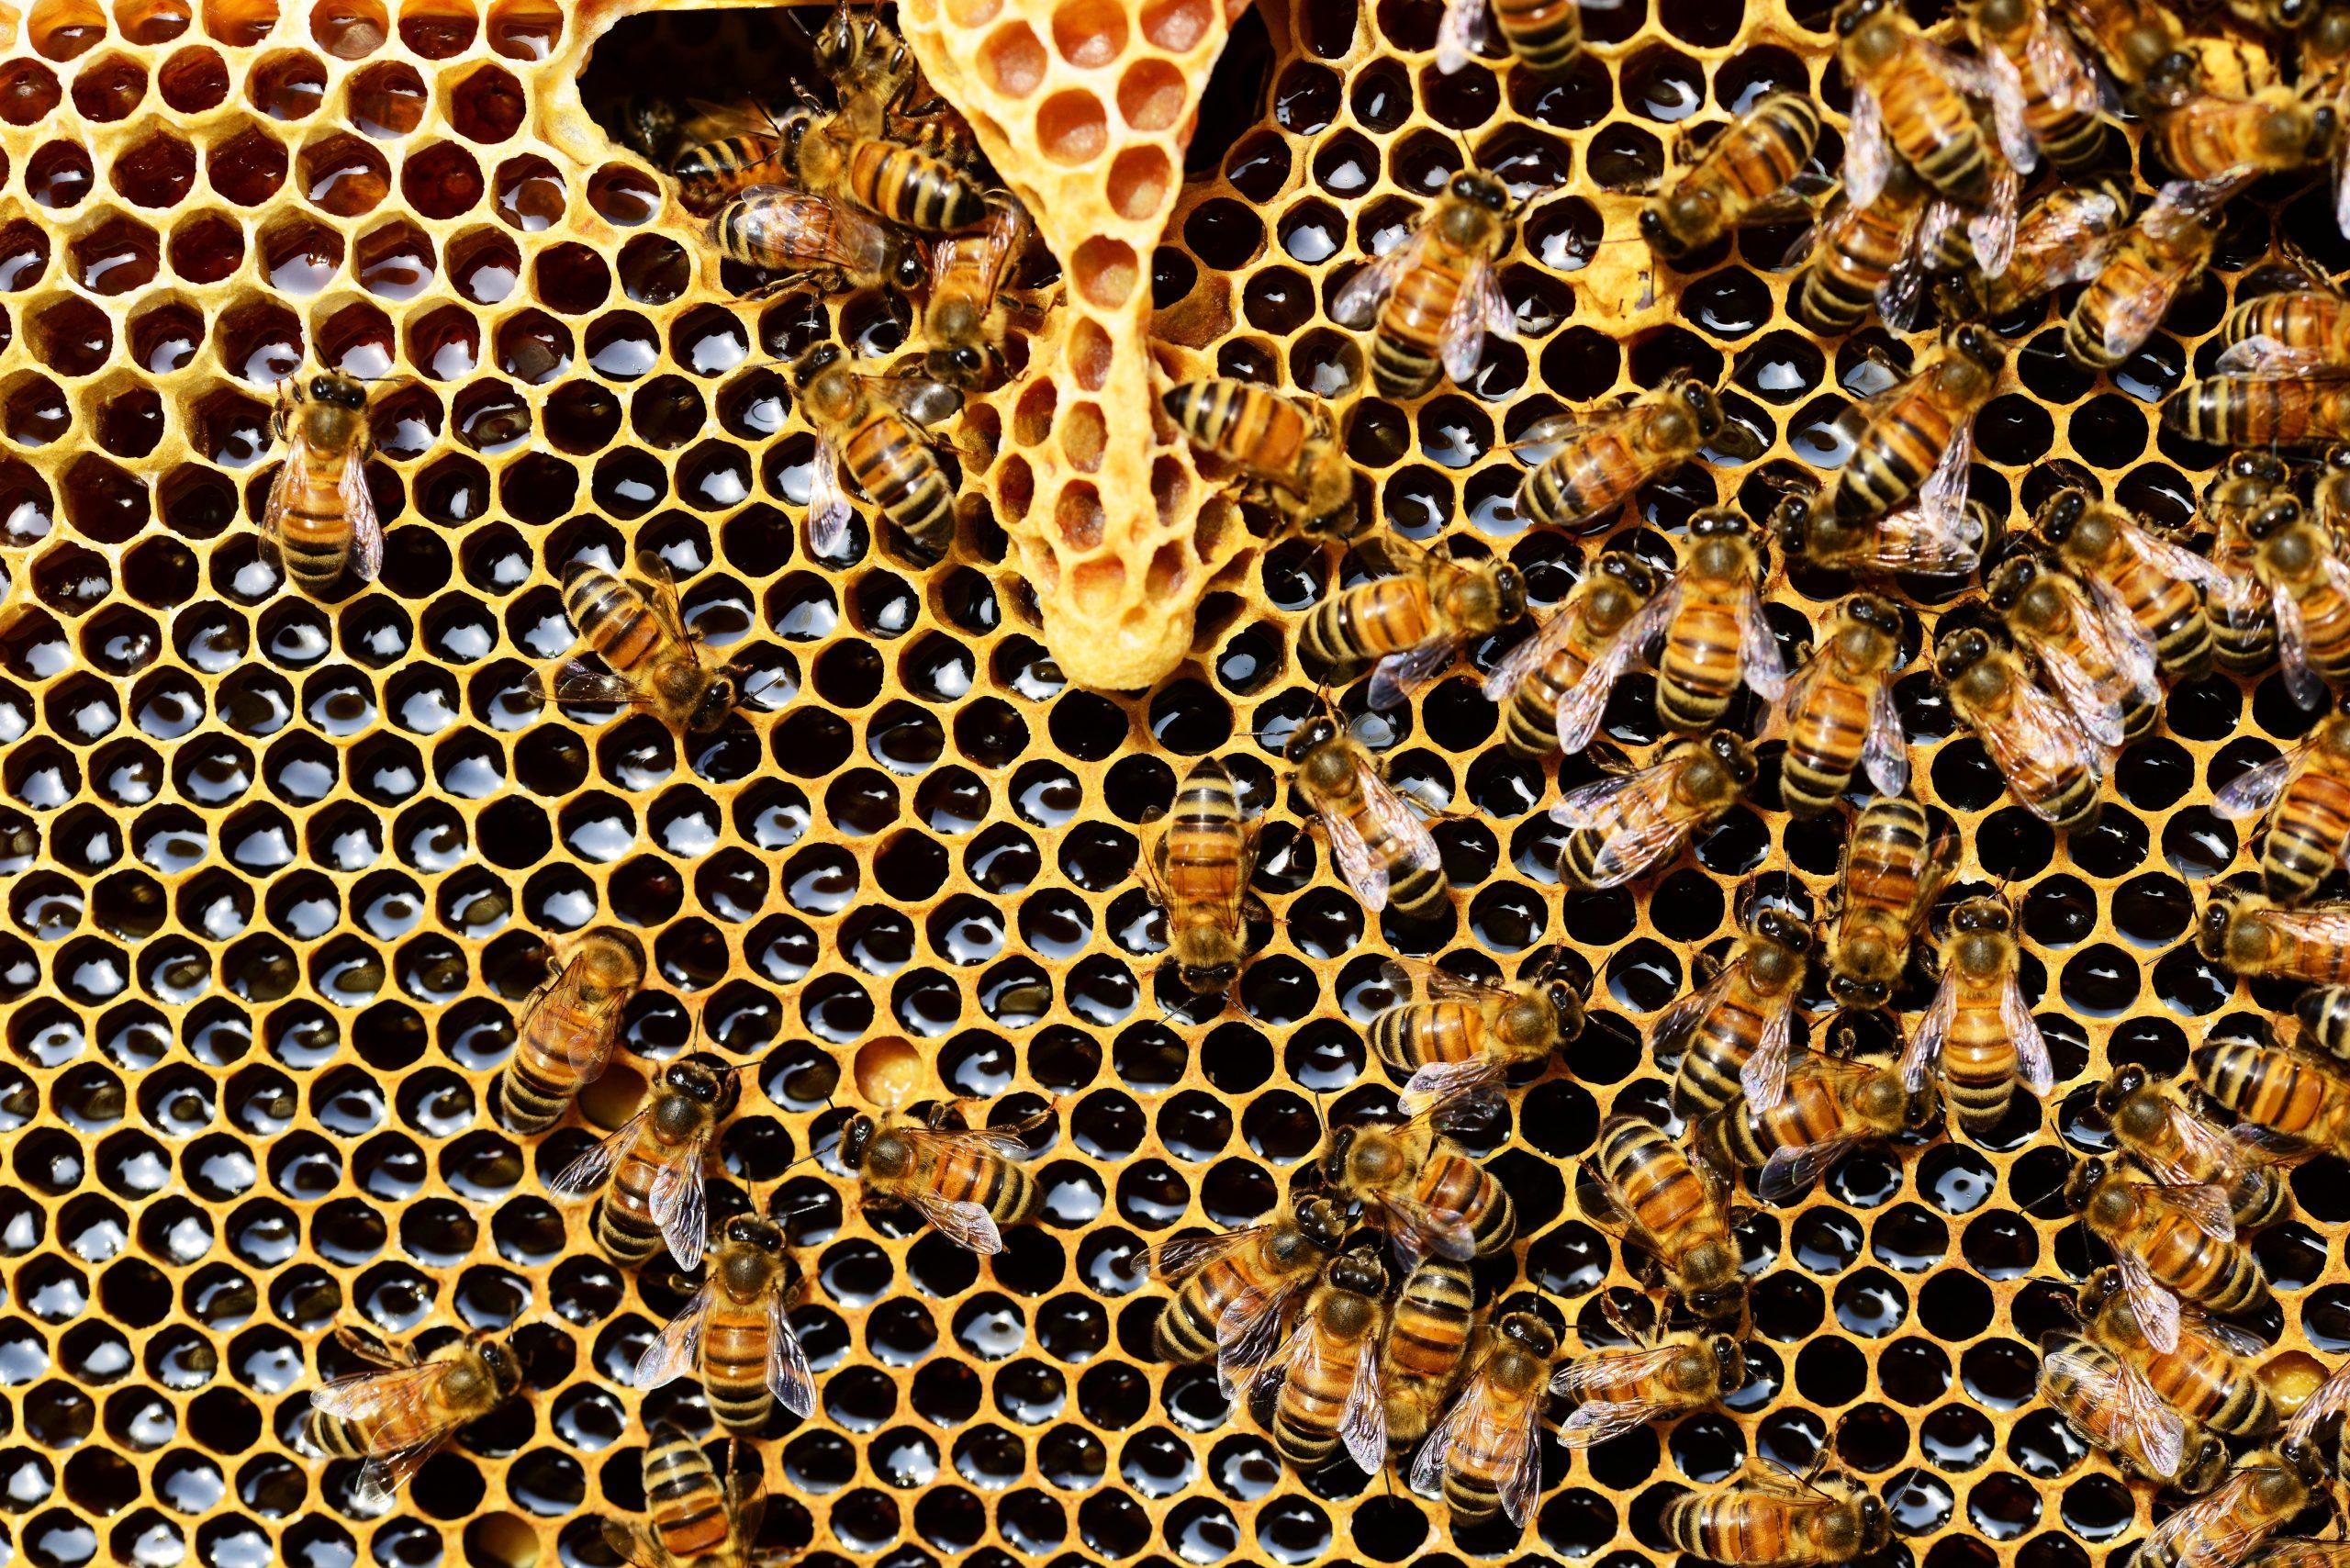 Dénommés sous le terme générique depesticides (insecticide, herbicide, fongicide…): Encore beaucoup de produits phytosanitaires sont accusés d'être des perturbateurs neuroleptiques des abeilles, mais ne sont cependant pas interdits. Plusieurs études européennes et mondiales ont essayé de comprendre l'impact des produits phytosanitaires sur les abeilles.Les études s'accordent à dire que la famille des produits de typenéonicotinoïdes, qui sont des insecticides parmi les plus utilisés dans l'agriculture et qui agissent sur le système nerveux altèrent lacapacitéd'orientation des insectes. De plus, ils sont hautement néfastes pour lespolarisateurs.Cependant, les abeilles ne sont pas les seules touchées puisque l'ensemble de la biodiversité est impactée tels que les animaux rampants, volants, et nageants. Etuden°1,Etuden°2,Etuden°3 En France, des mesures ont été prises à partir de 2016 avec la mise en œuvre de la« Loi de la reconquête de la biodiversité, de la nature et des paysages» . Cette loi est prévue pour interdire 7néonicotinoïdesdans les mélanges ou semences traitées.